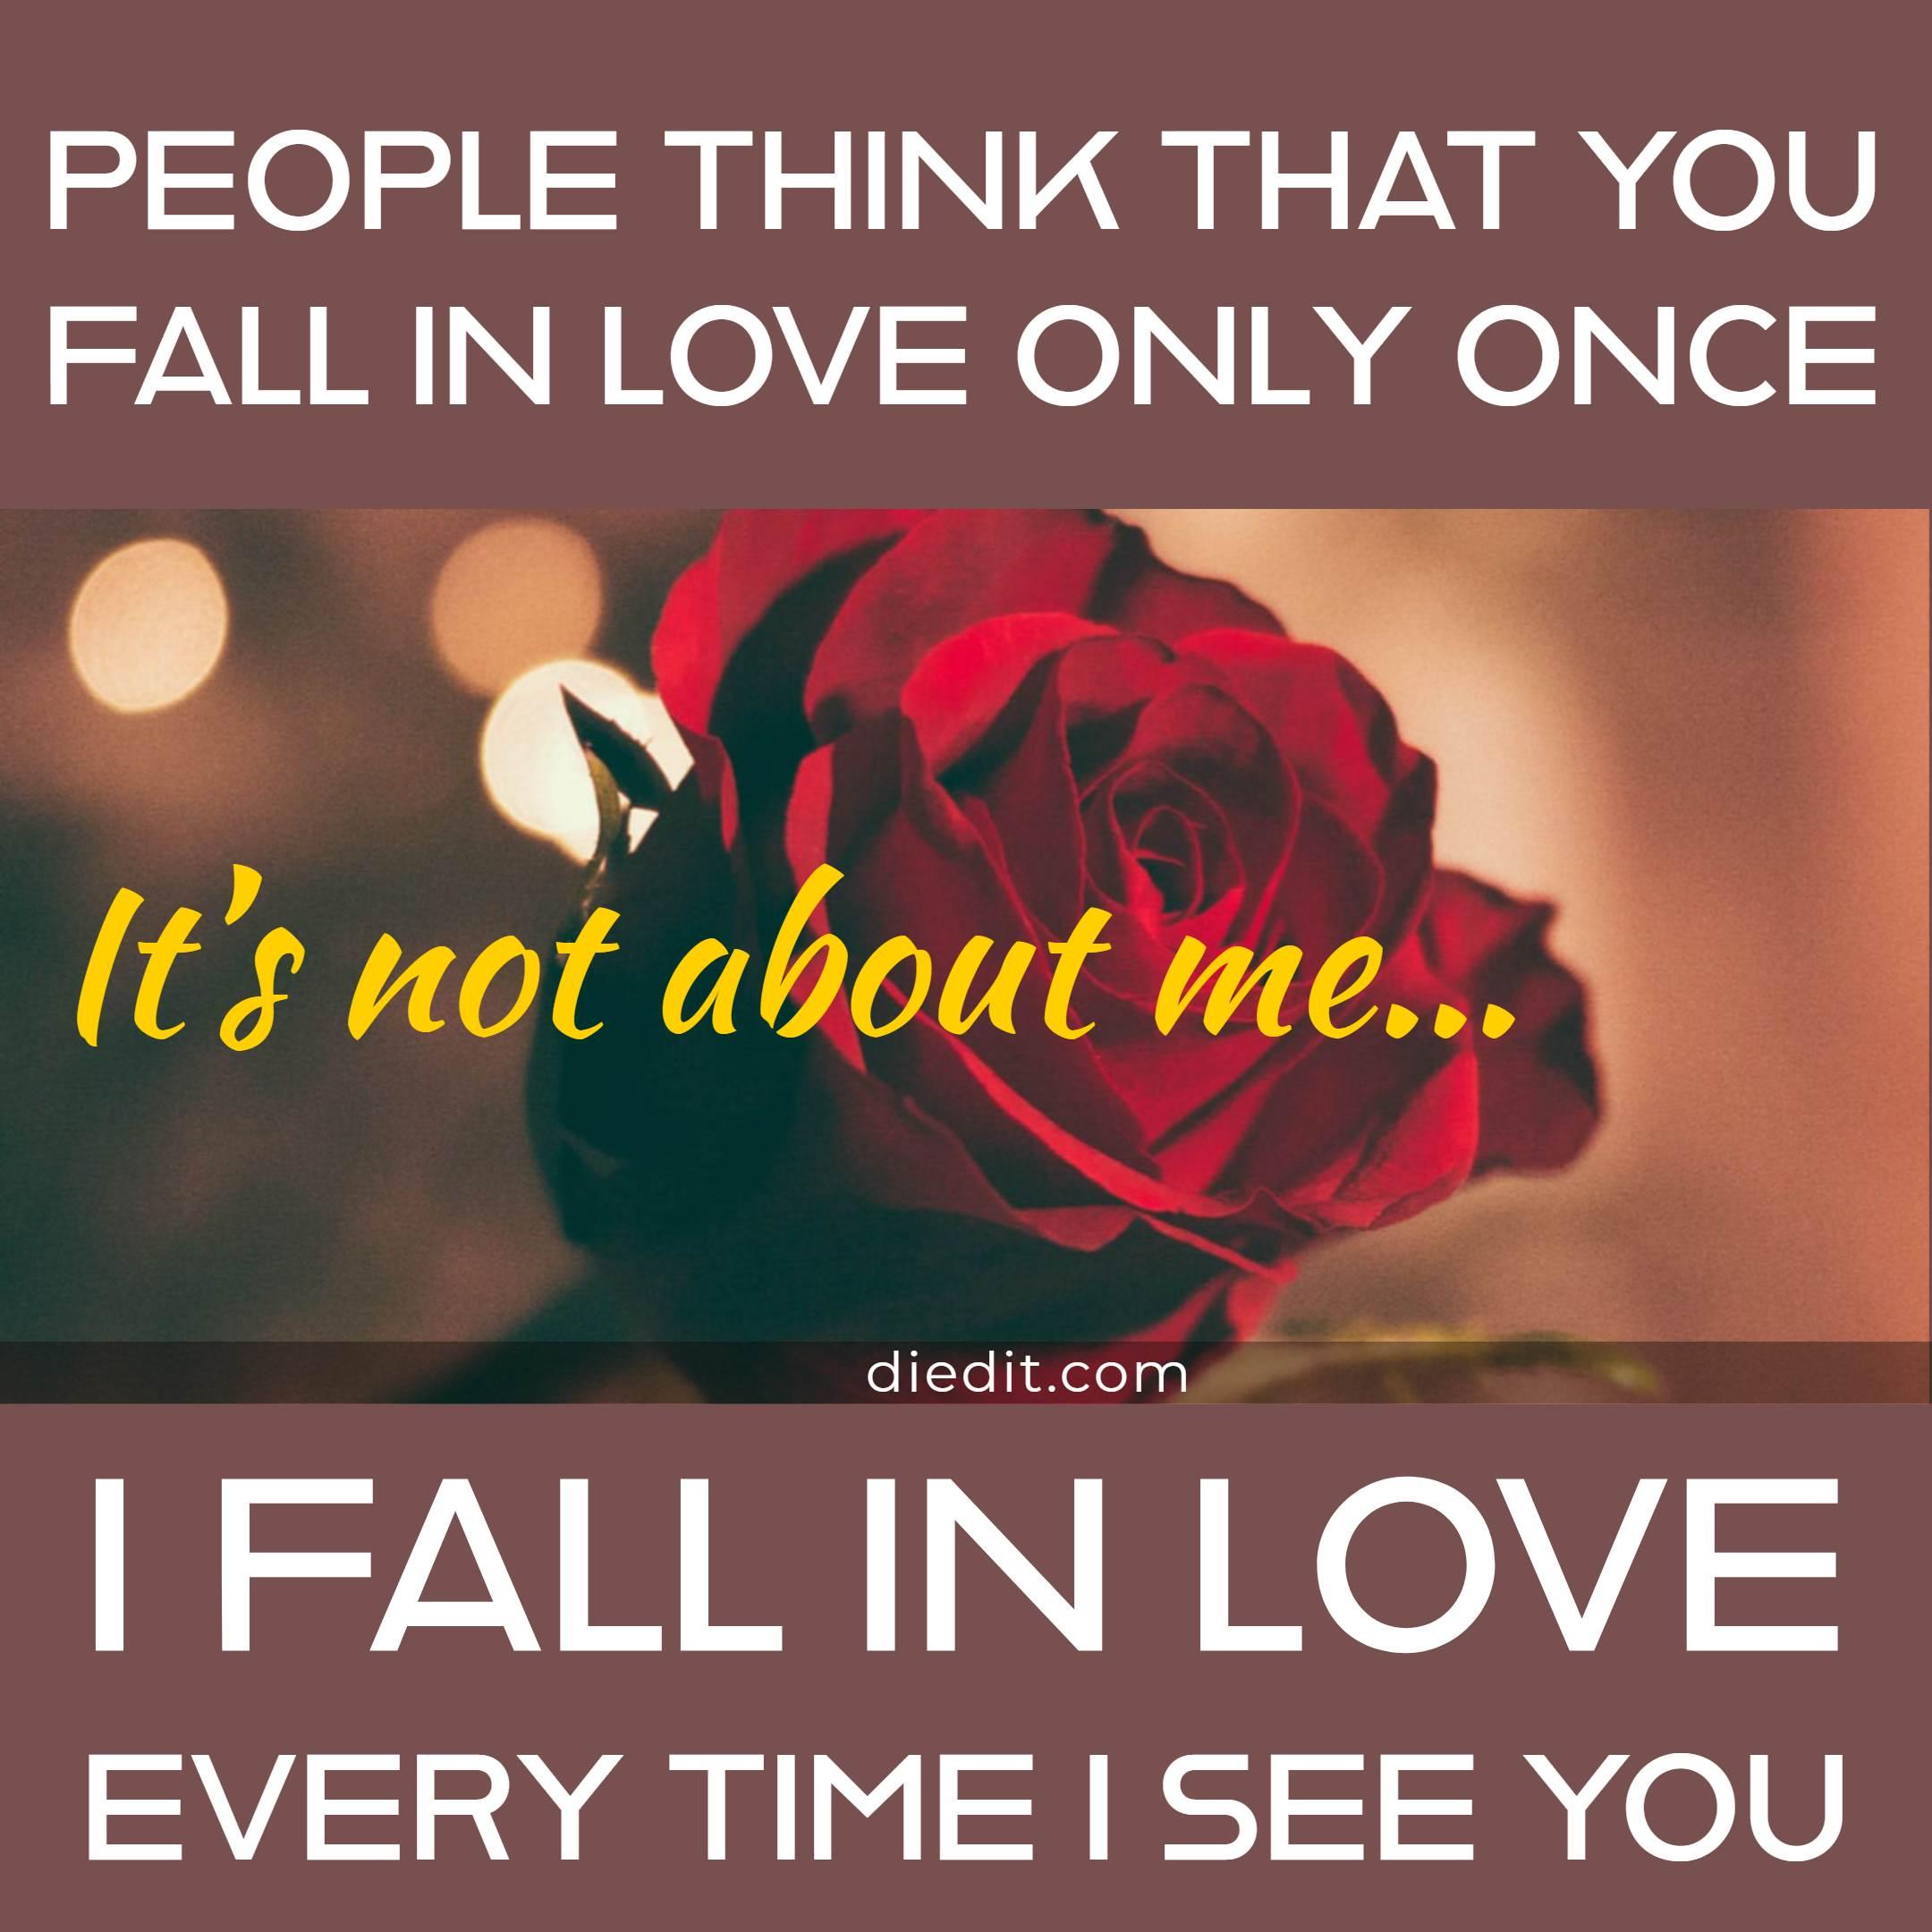 105 Gambar Kata Kata Bijak Cinta, Bagus buat Medsos ...